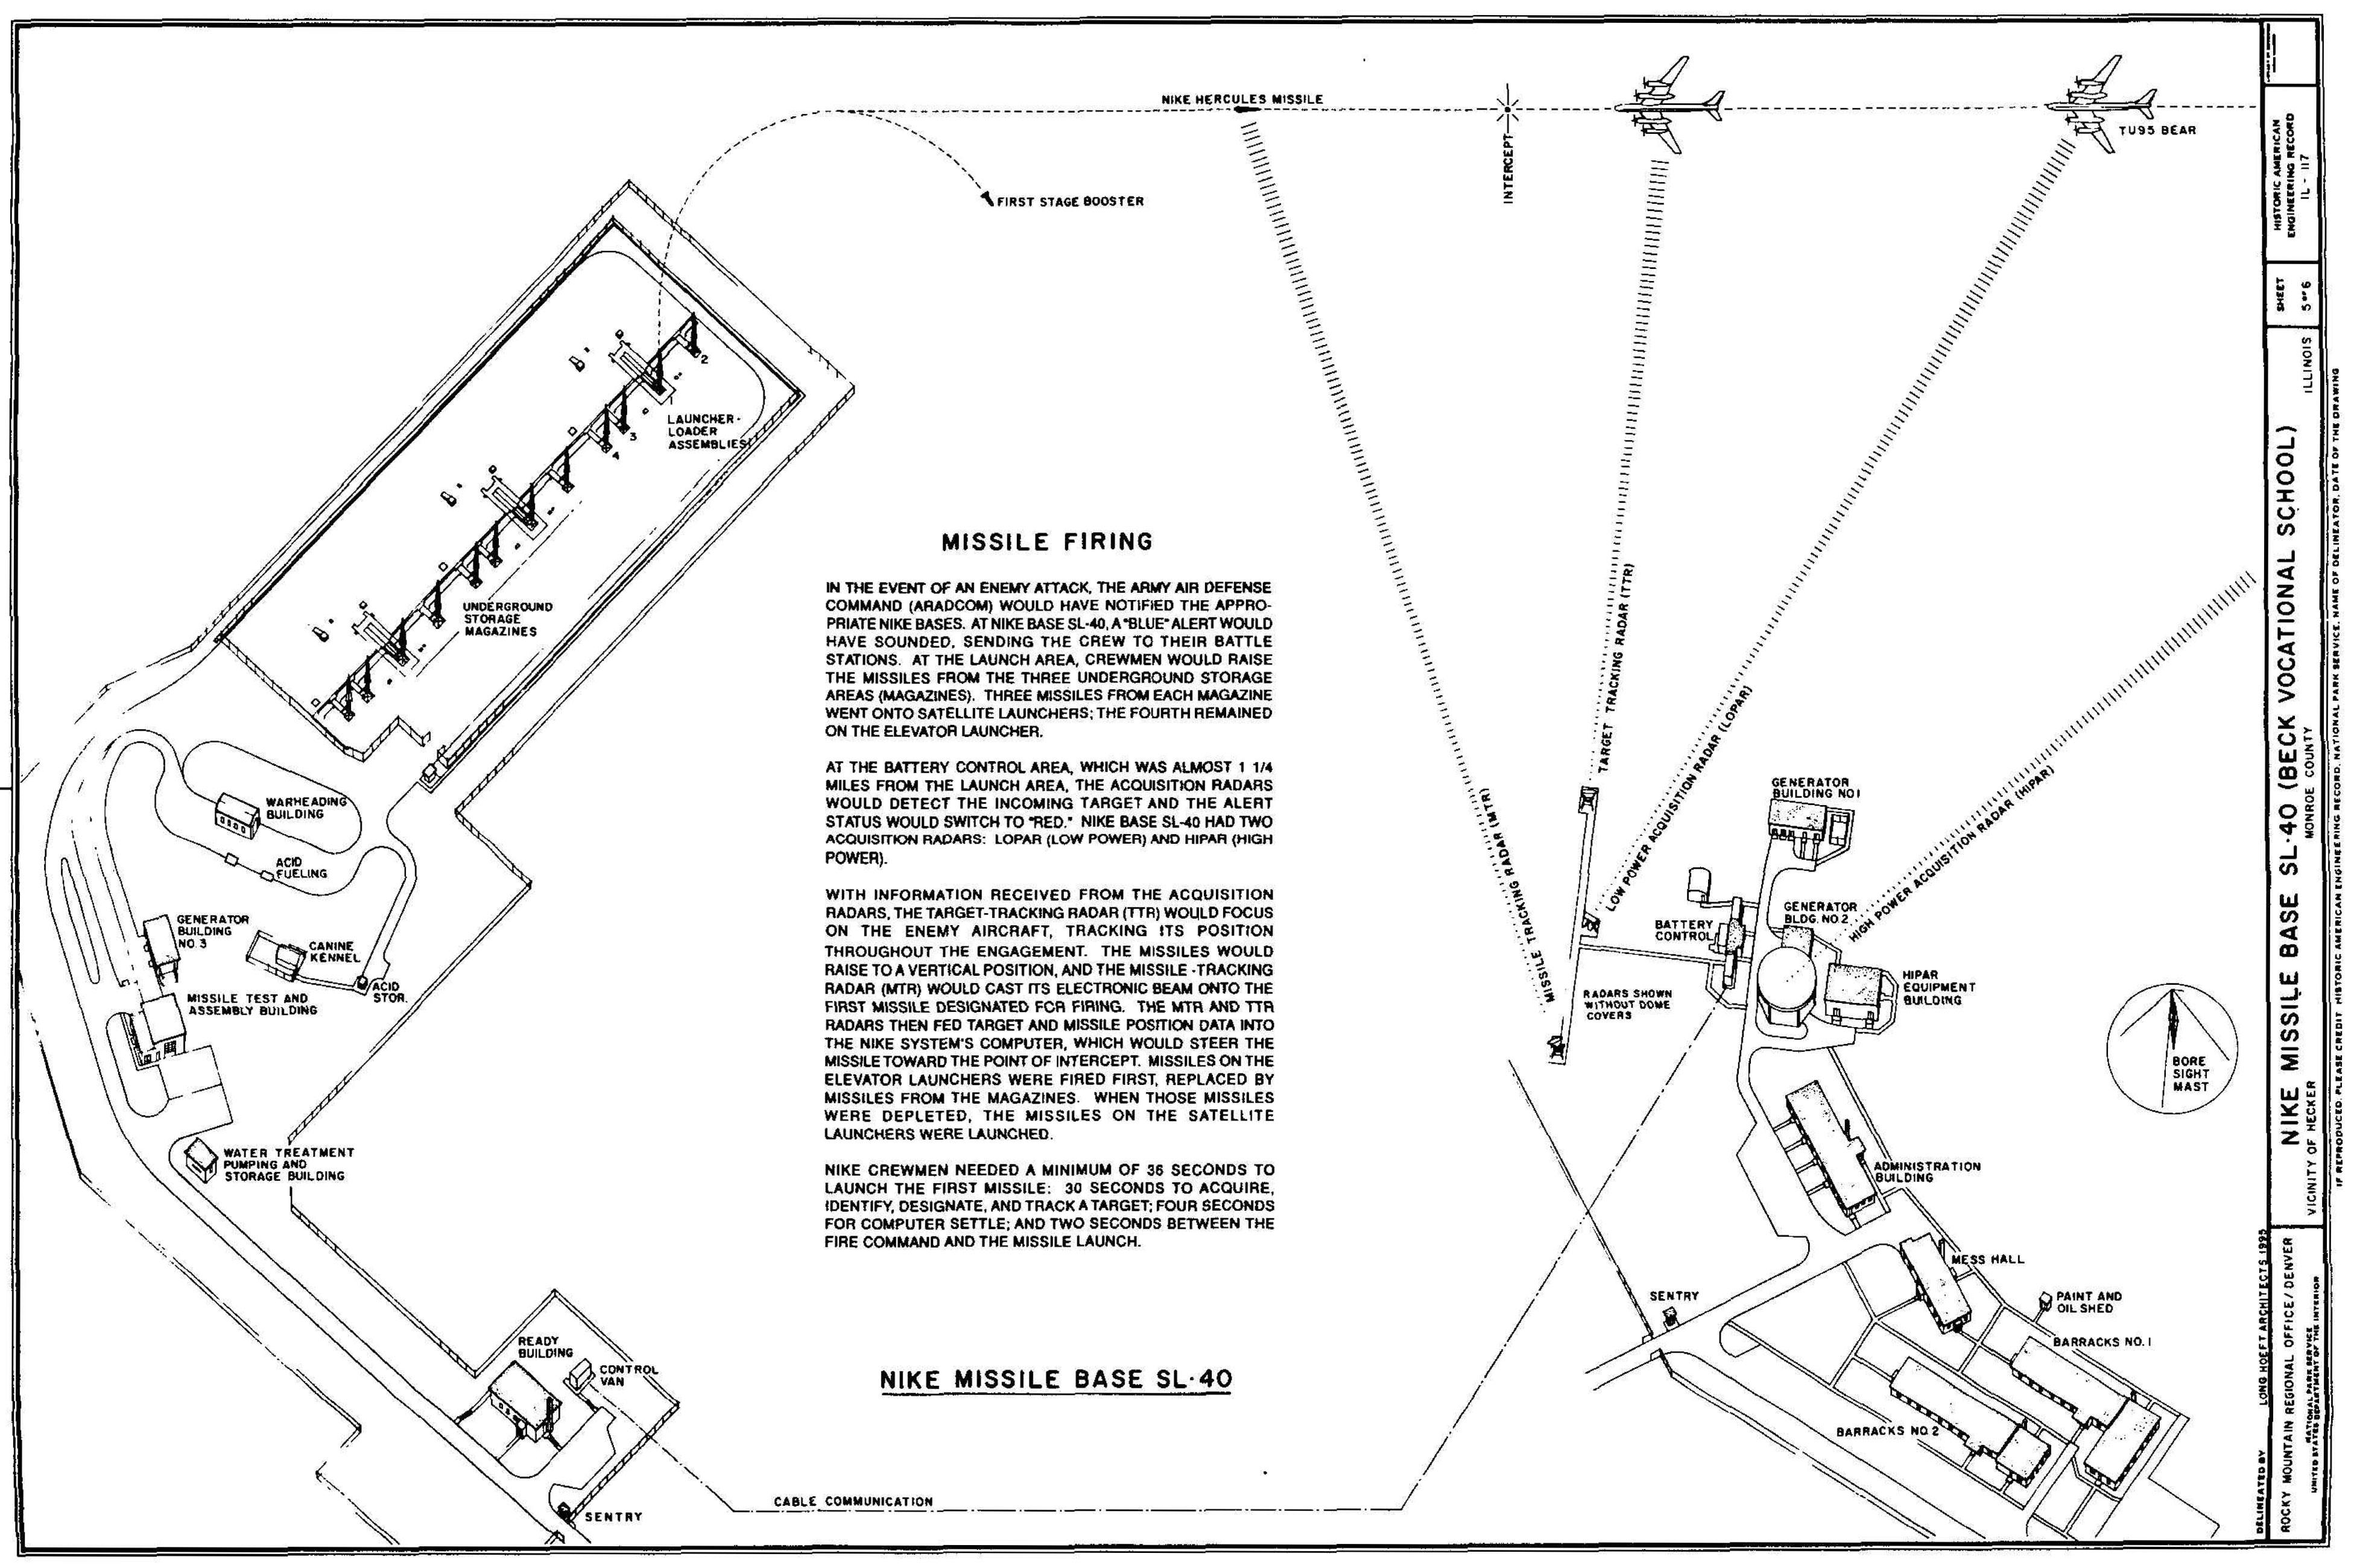 Last Line Of Defense Nike Missile Sites In Illinois